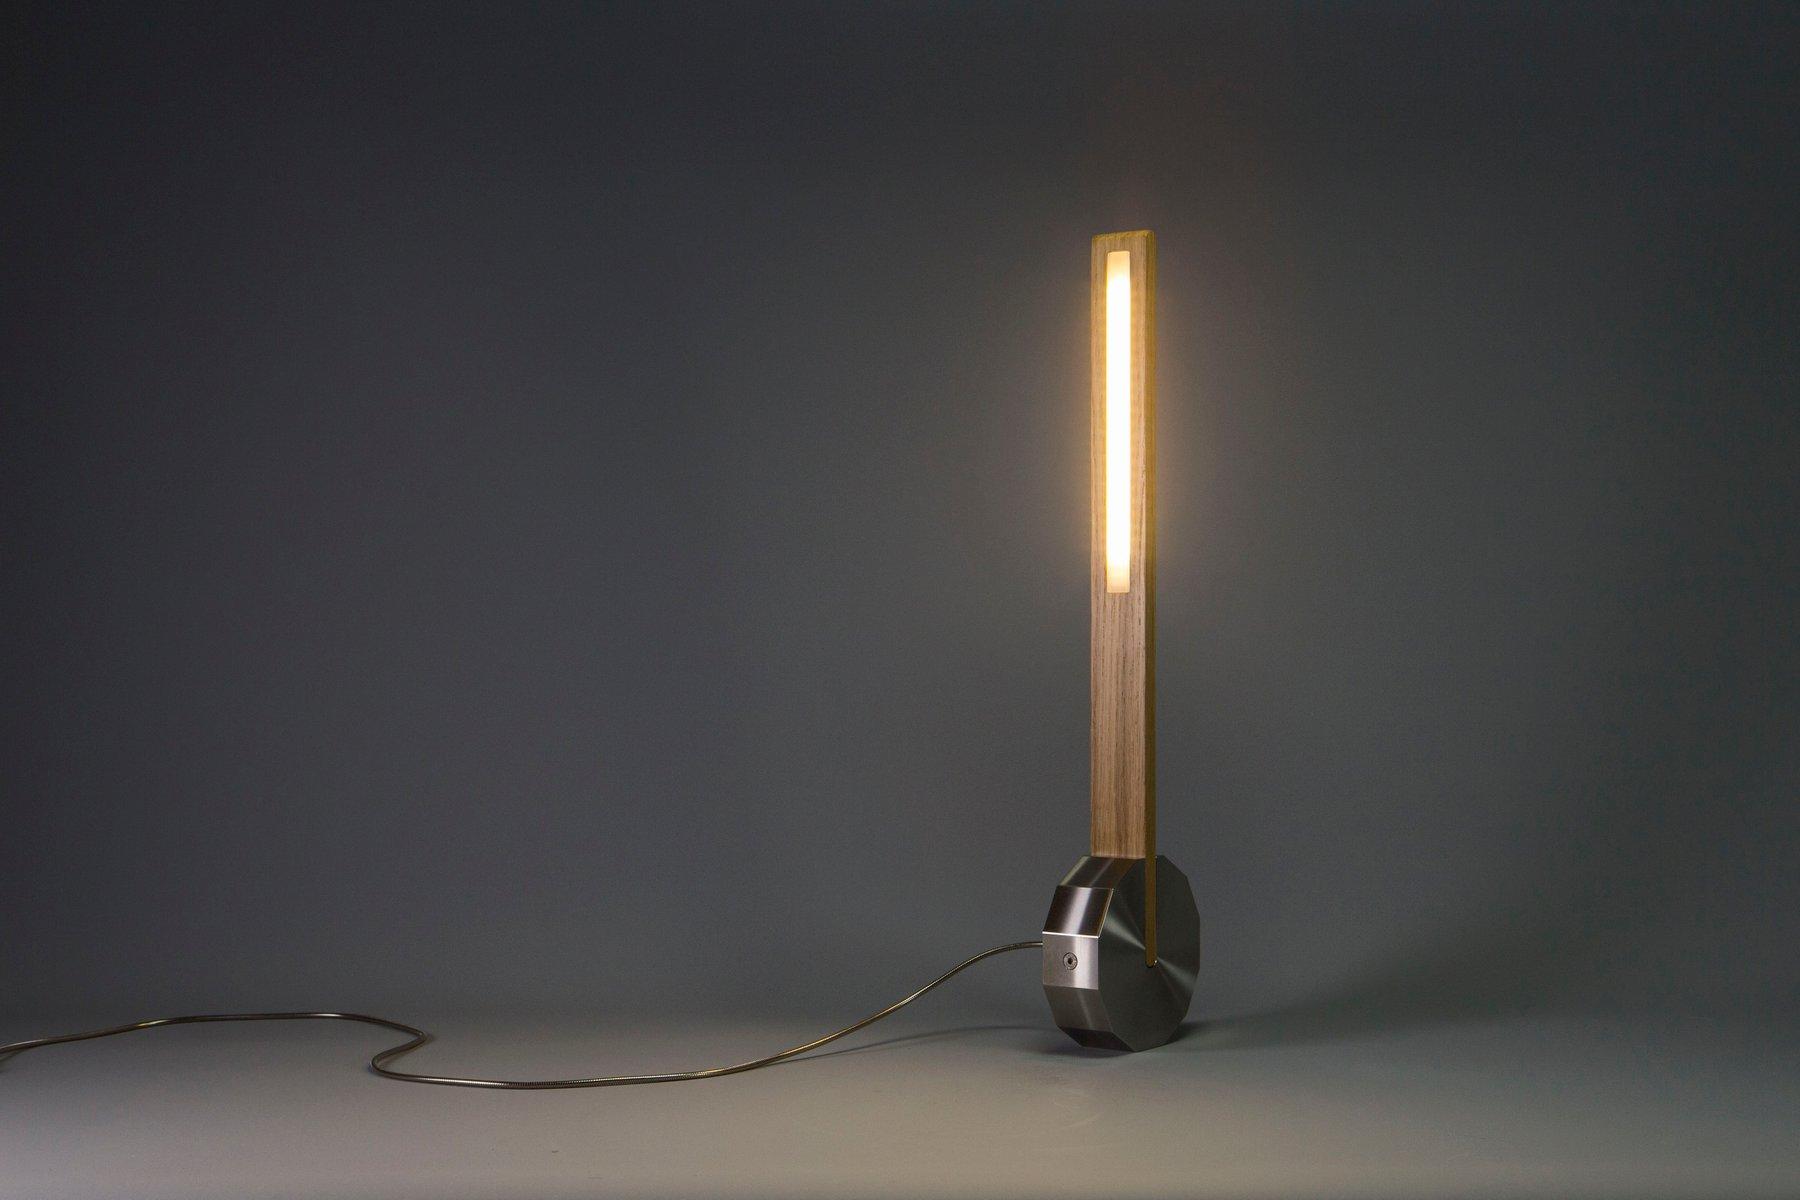 Killay Kinetic Lampe aus Edelstahl & Eiche von Singular Design